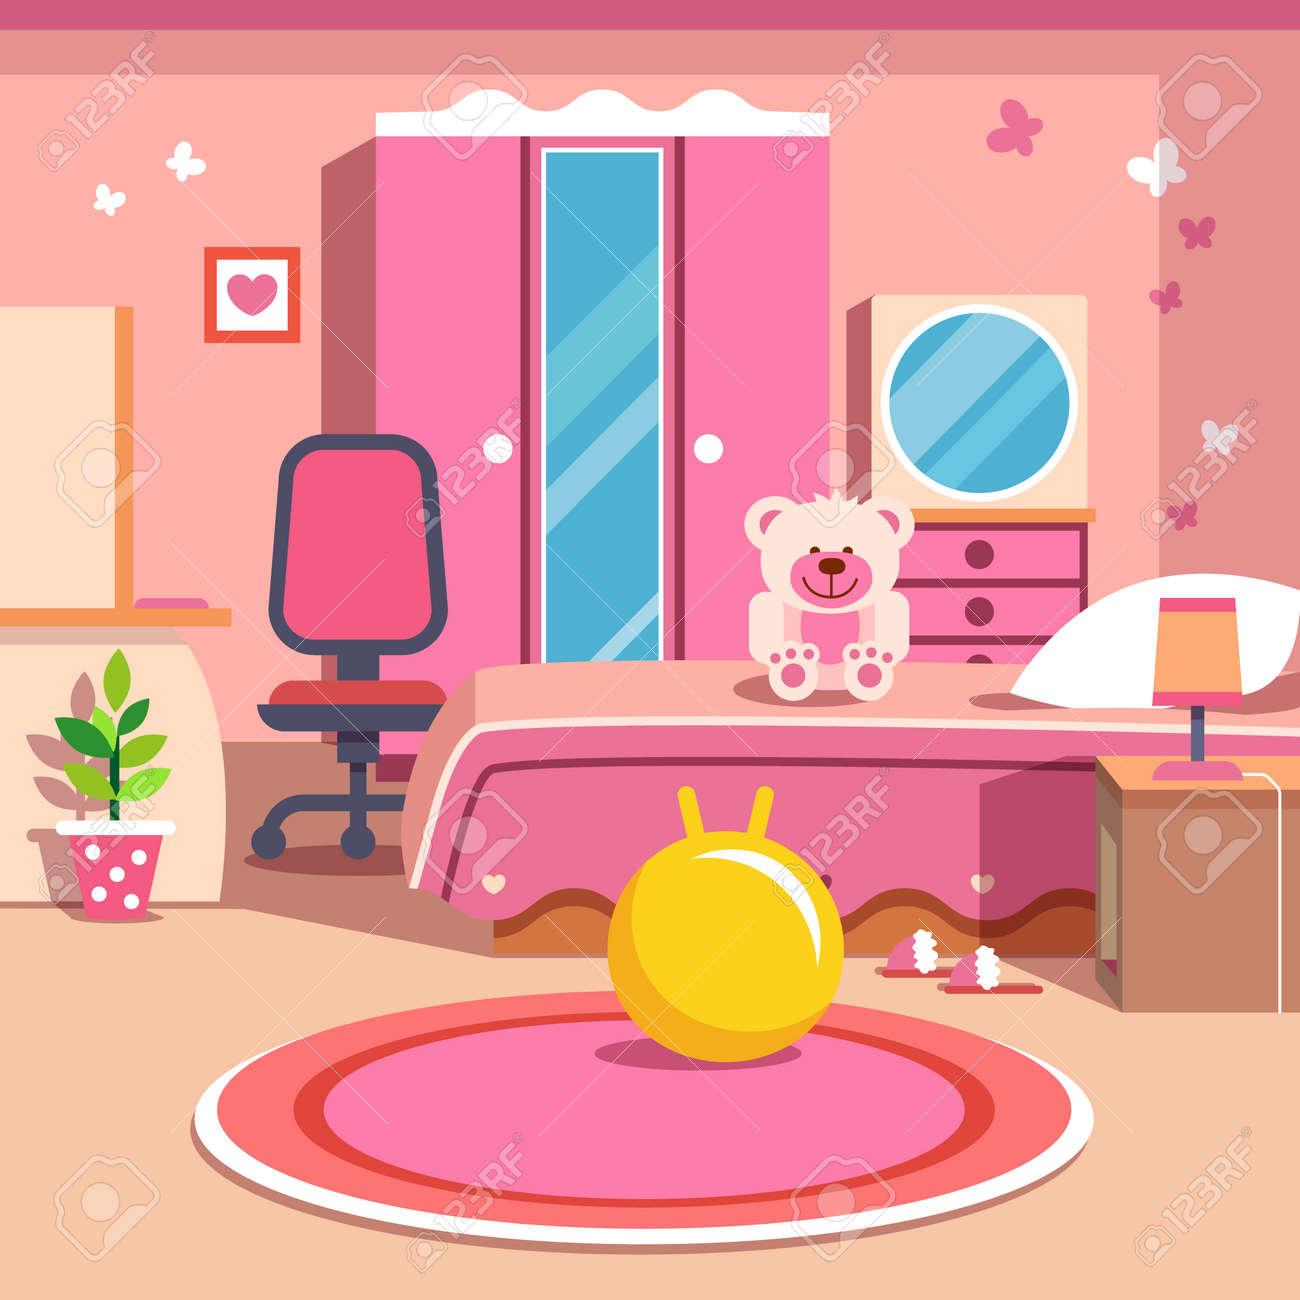 Chicas Todo Interiores Dormitorio Rosa Estilo De Dibujos Animados Ilustración Vectorial Plano Con Objetos Aislados